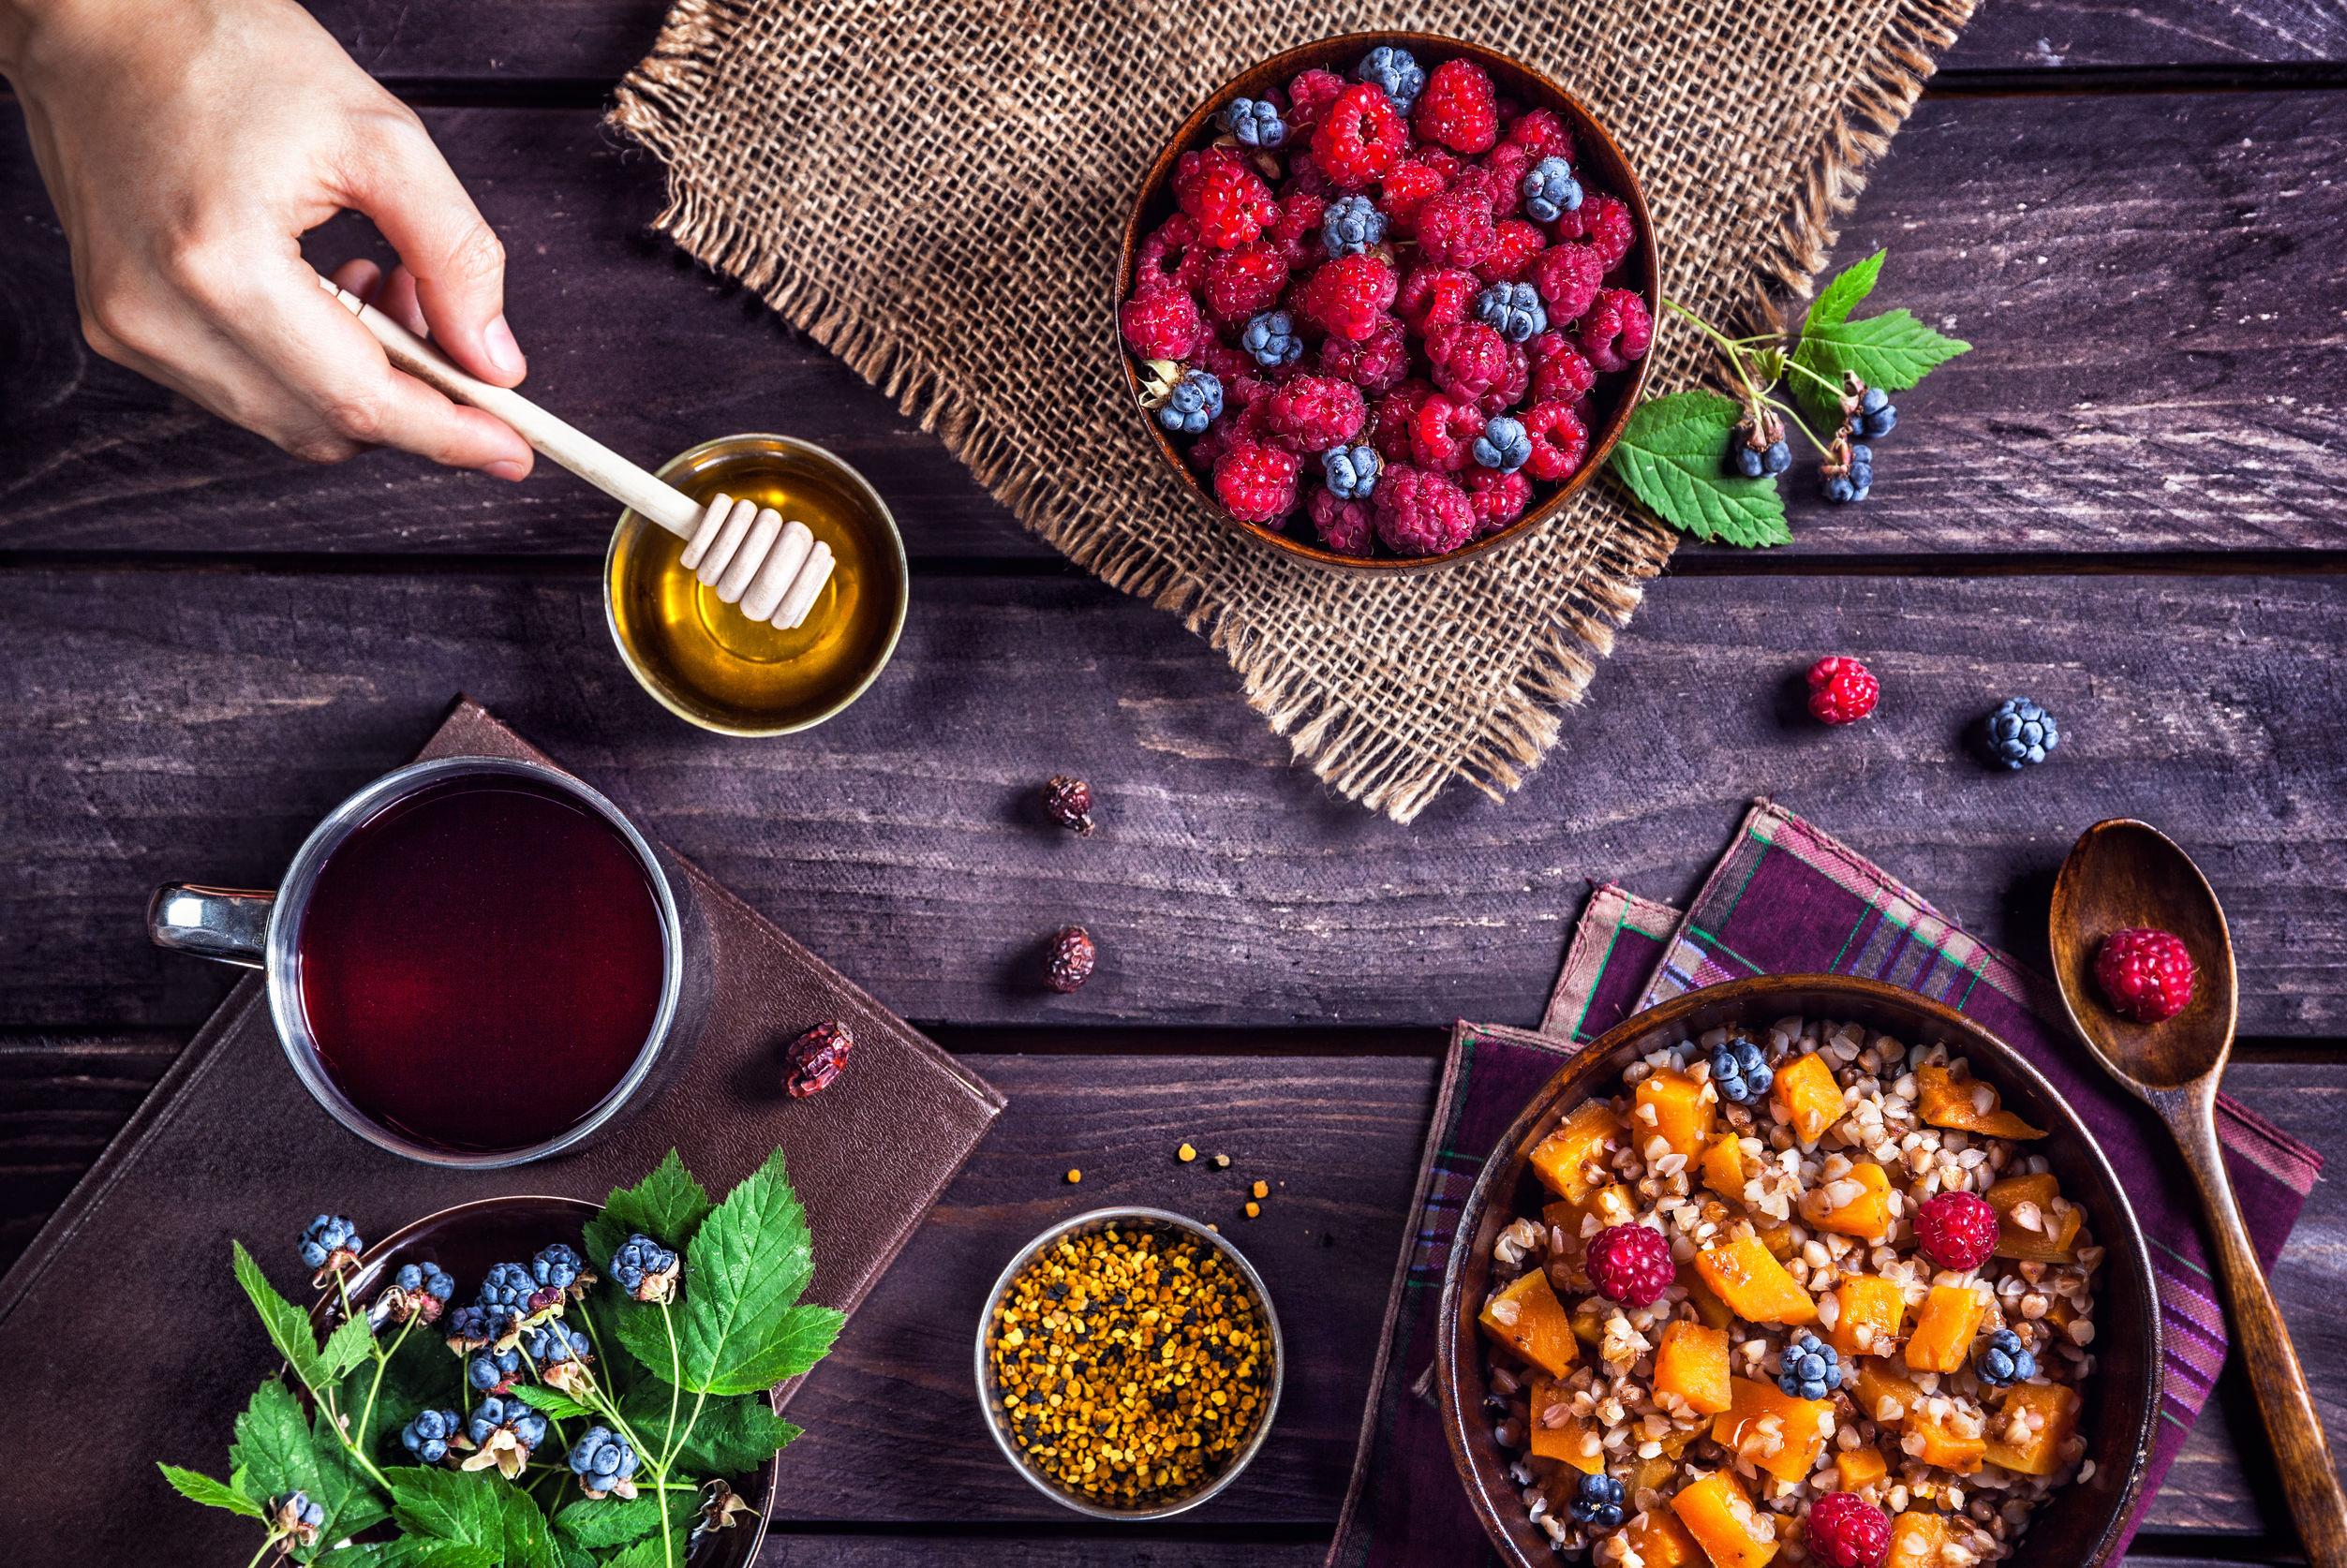 Beneficios de los alimentos transgénicos y ecológicos